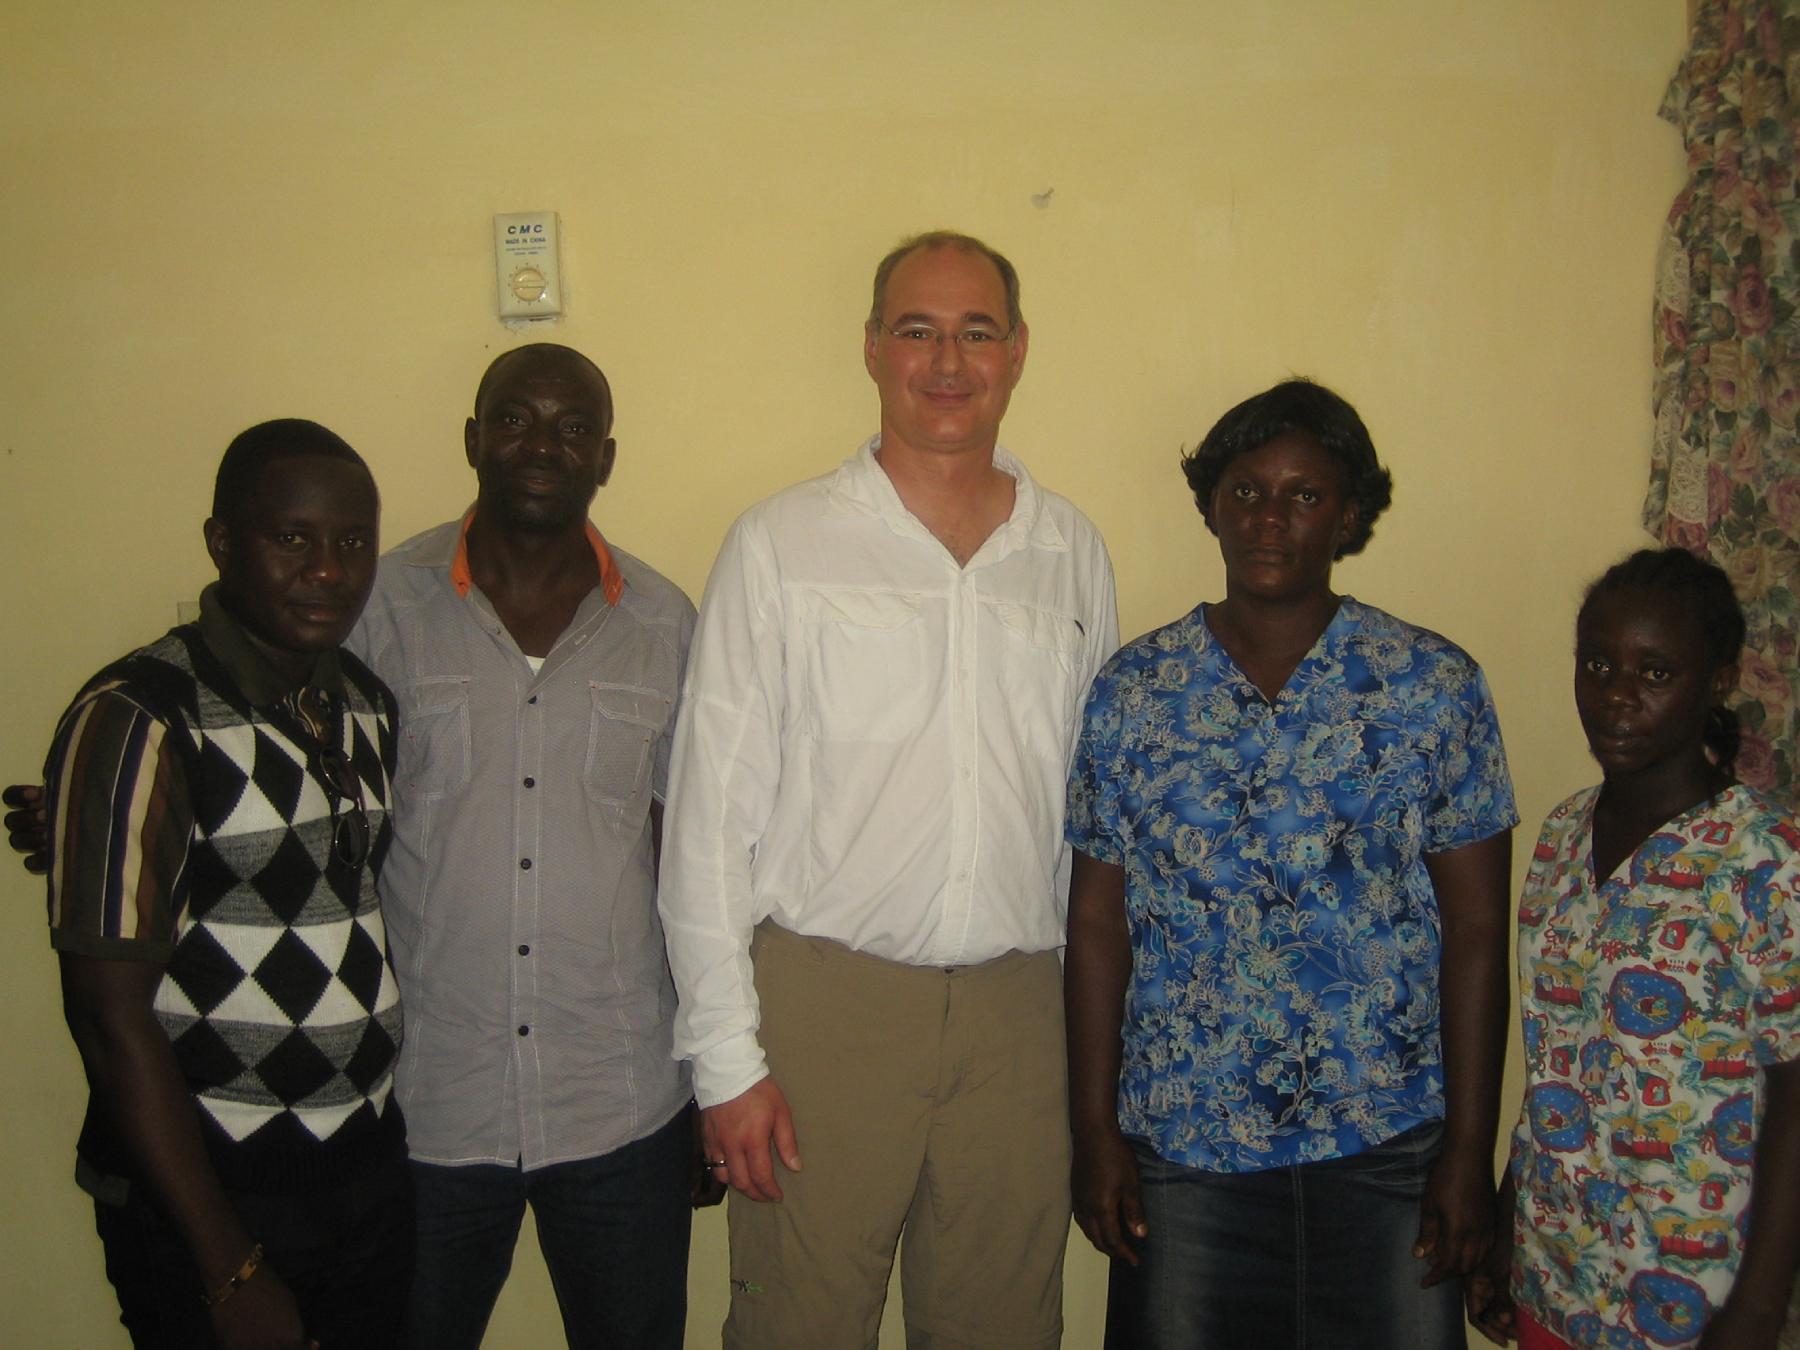 Geschäftsführer Heiko Brokop mit Pastor Emmanuel Gyamfi und drei weiteren MitarbeiterInnen